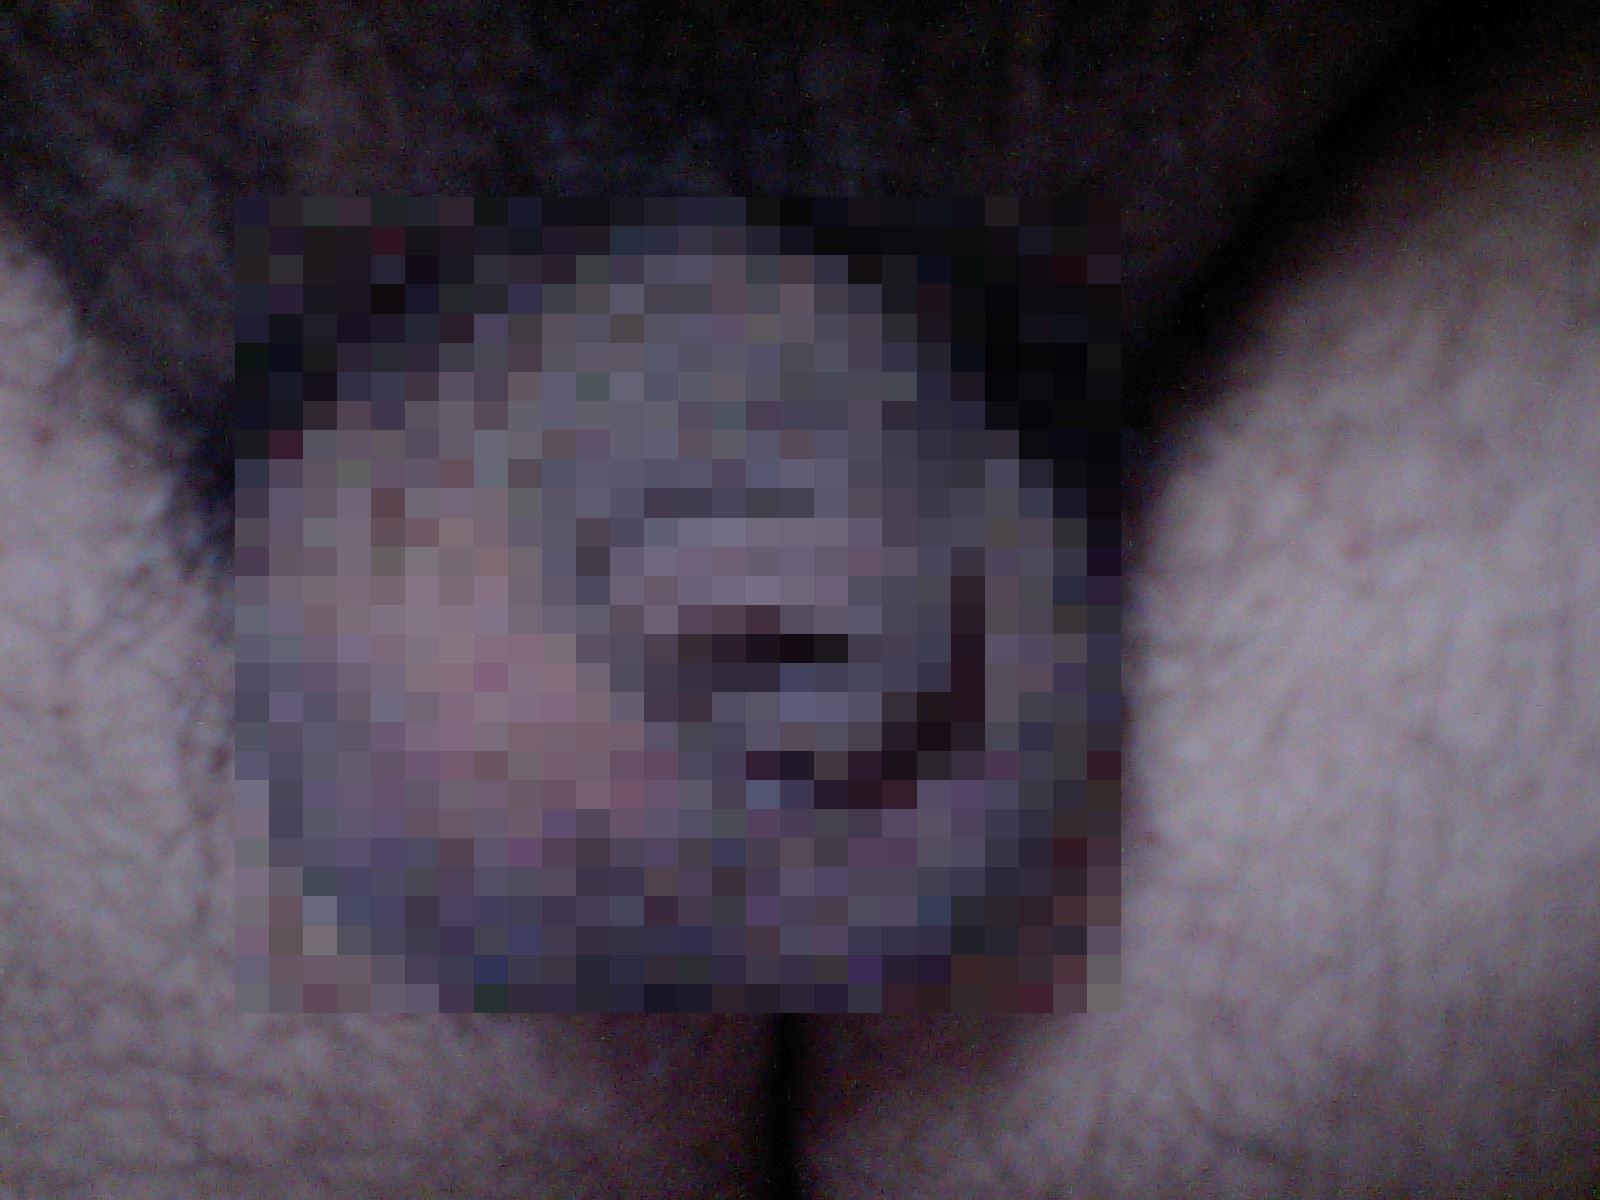 短小包茎ペニス画像 37